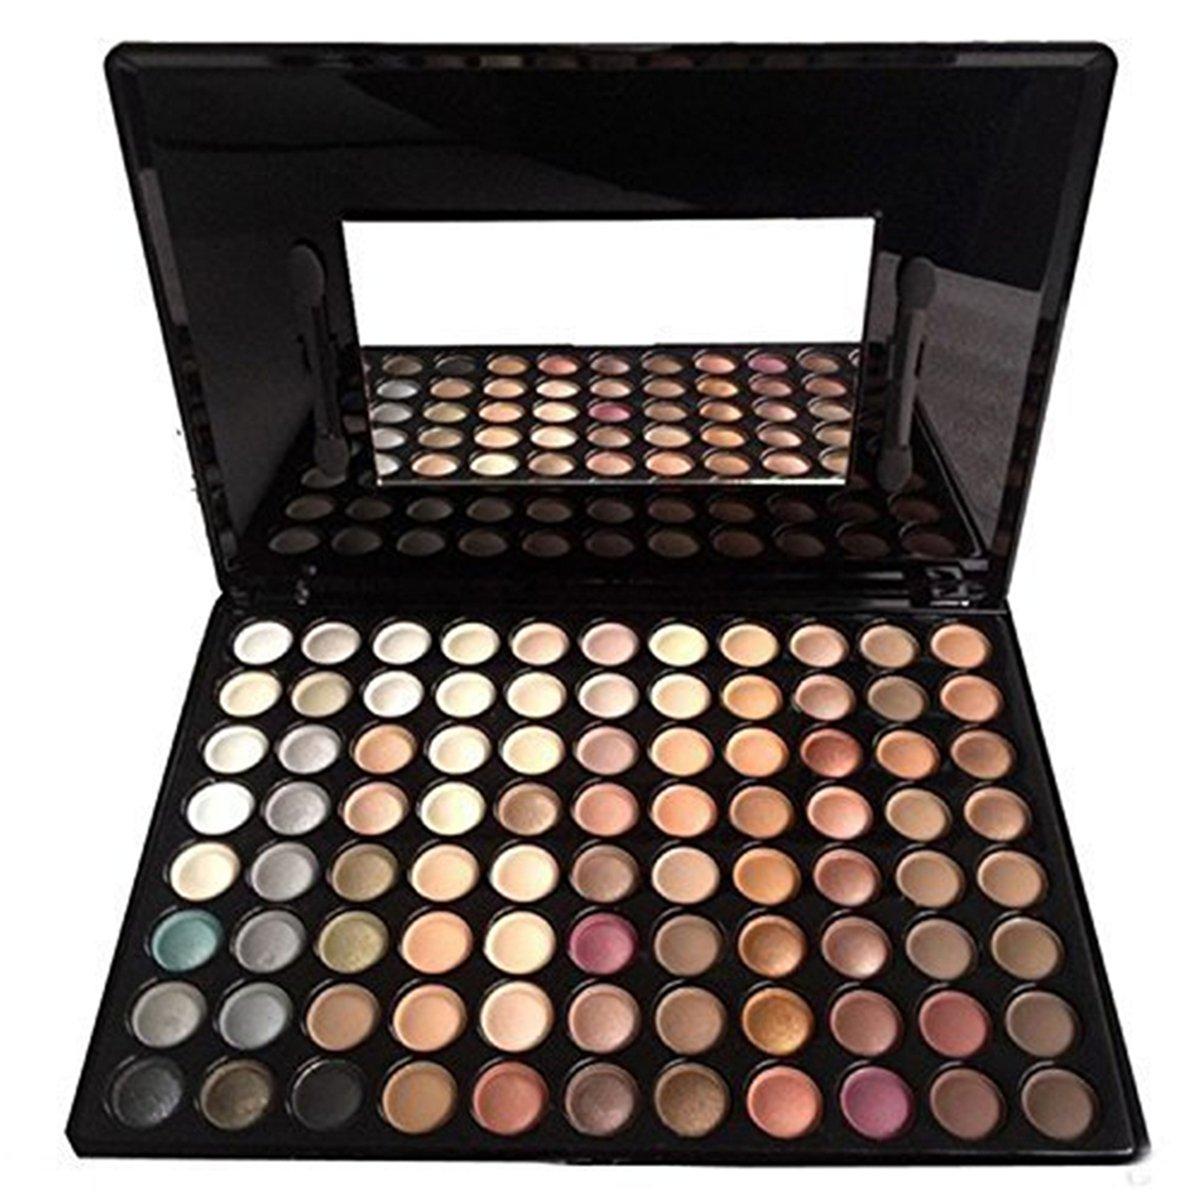 FantasyDay® 88 Colores Sombra De Ojos Paleta de Maquillaje Cosmética #1 - Perfecto para Sso Profesional y Diario